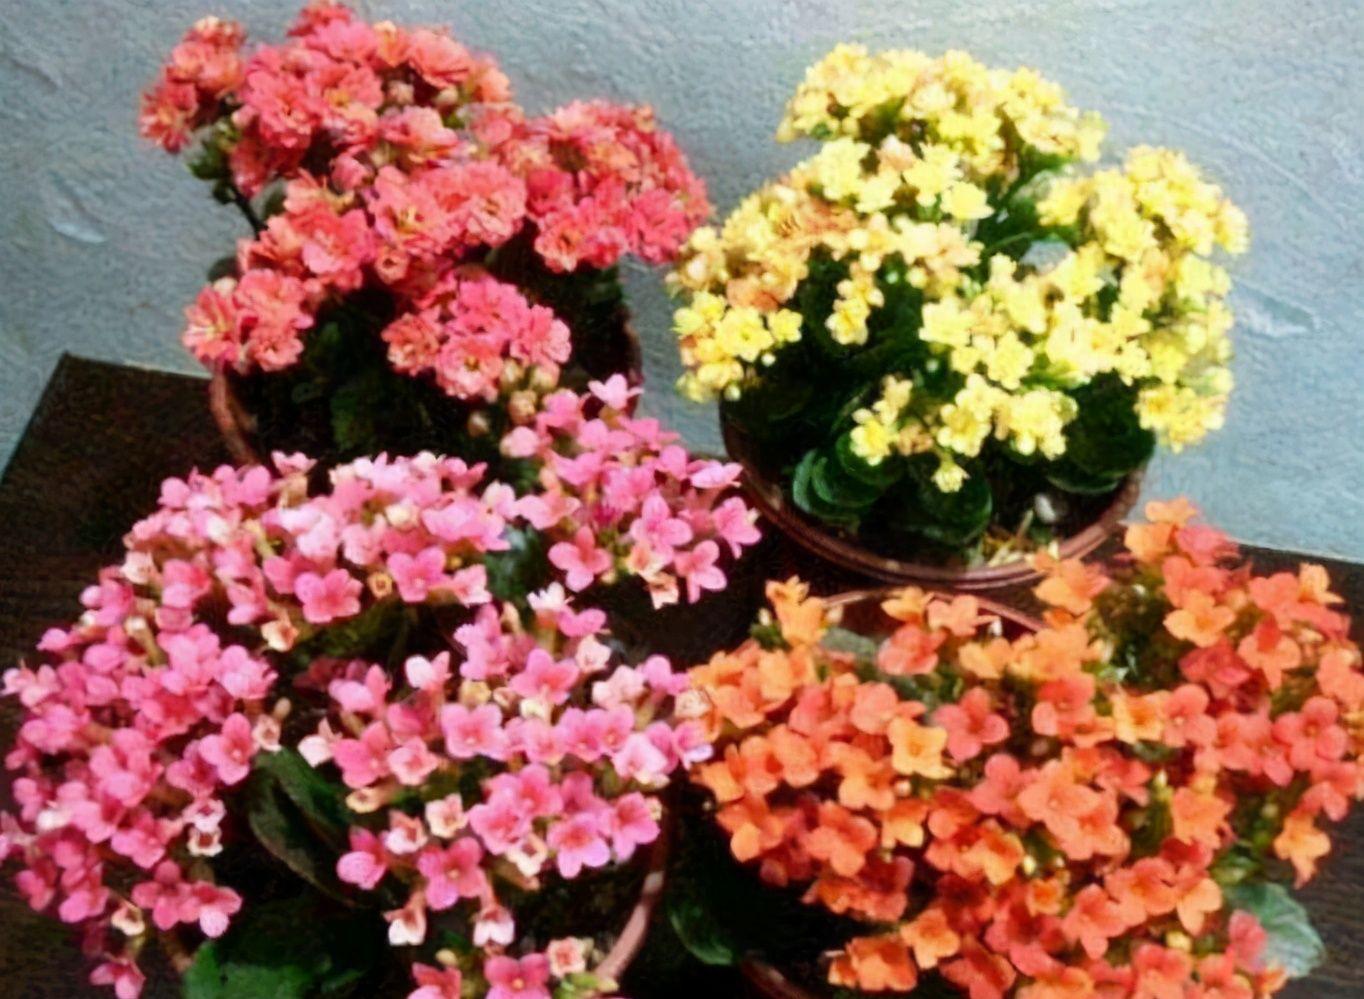 夏季要想养好长寿花,温度问题只是其中之一,还有2处要注意